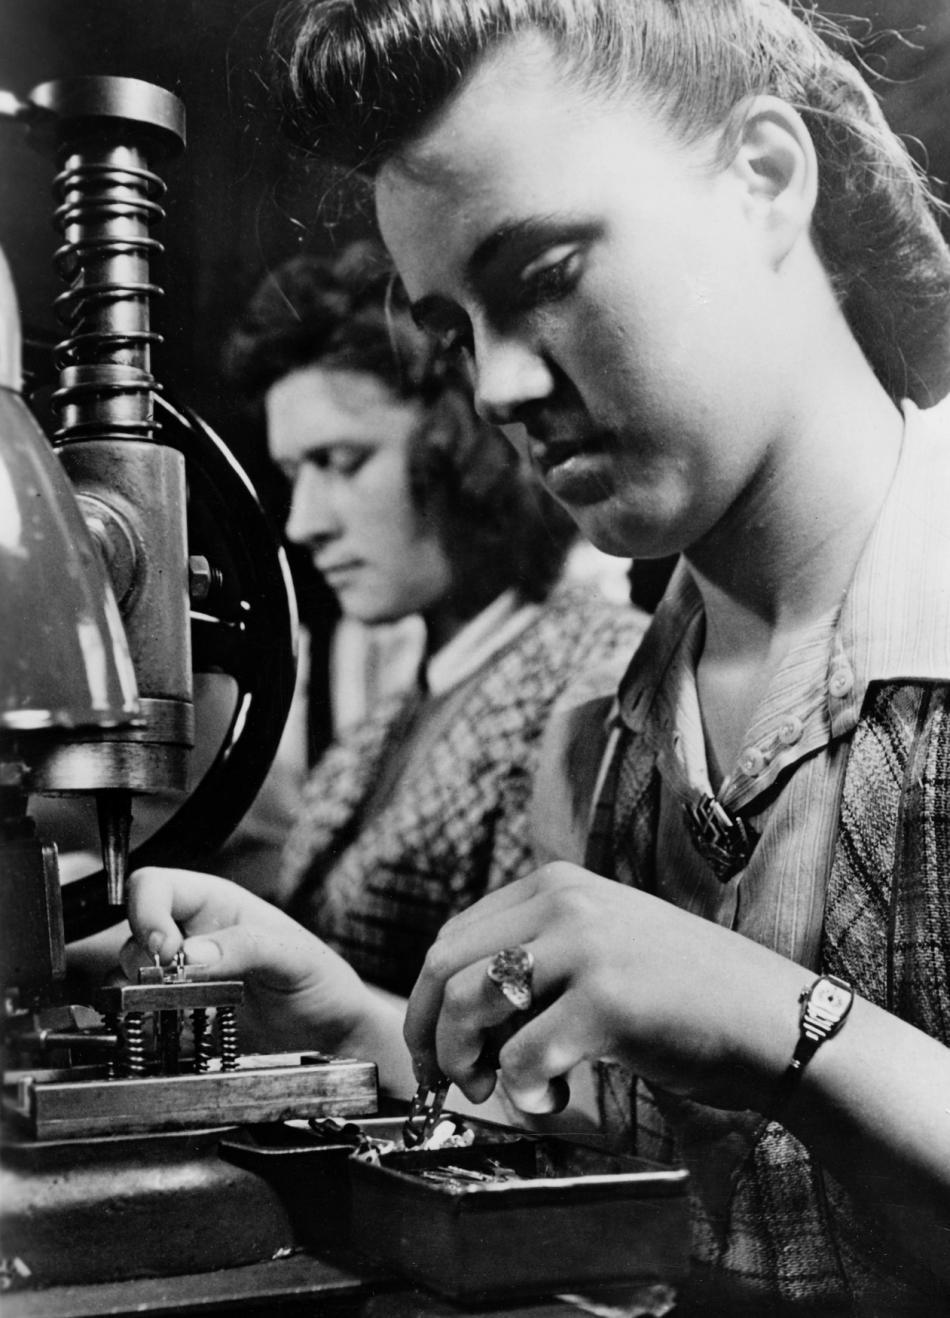 Záběry nacistické propagandy - ženy při práci ve zbrojním průmyslu